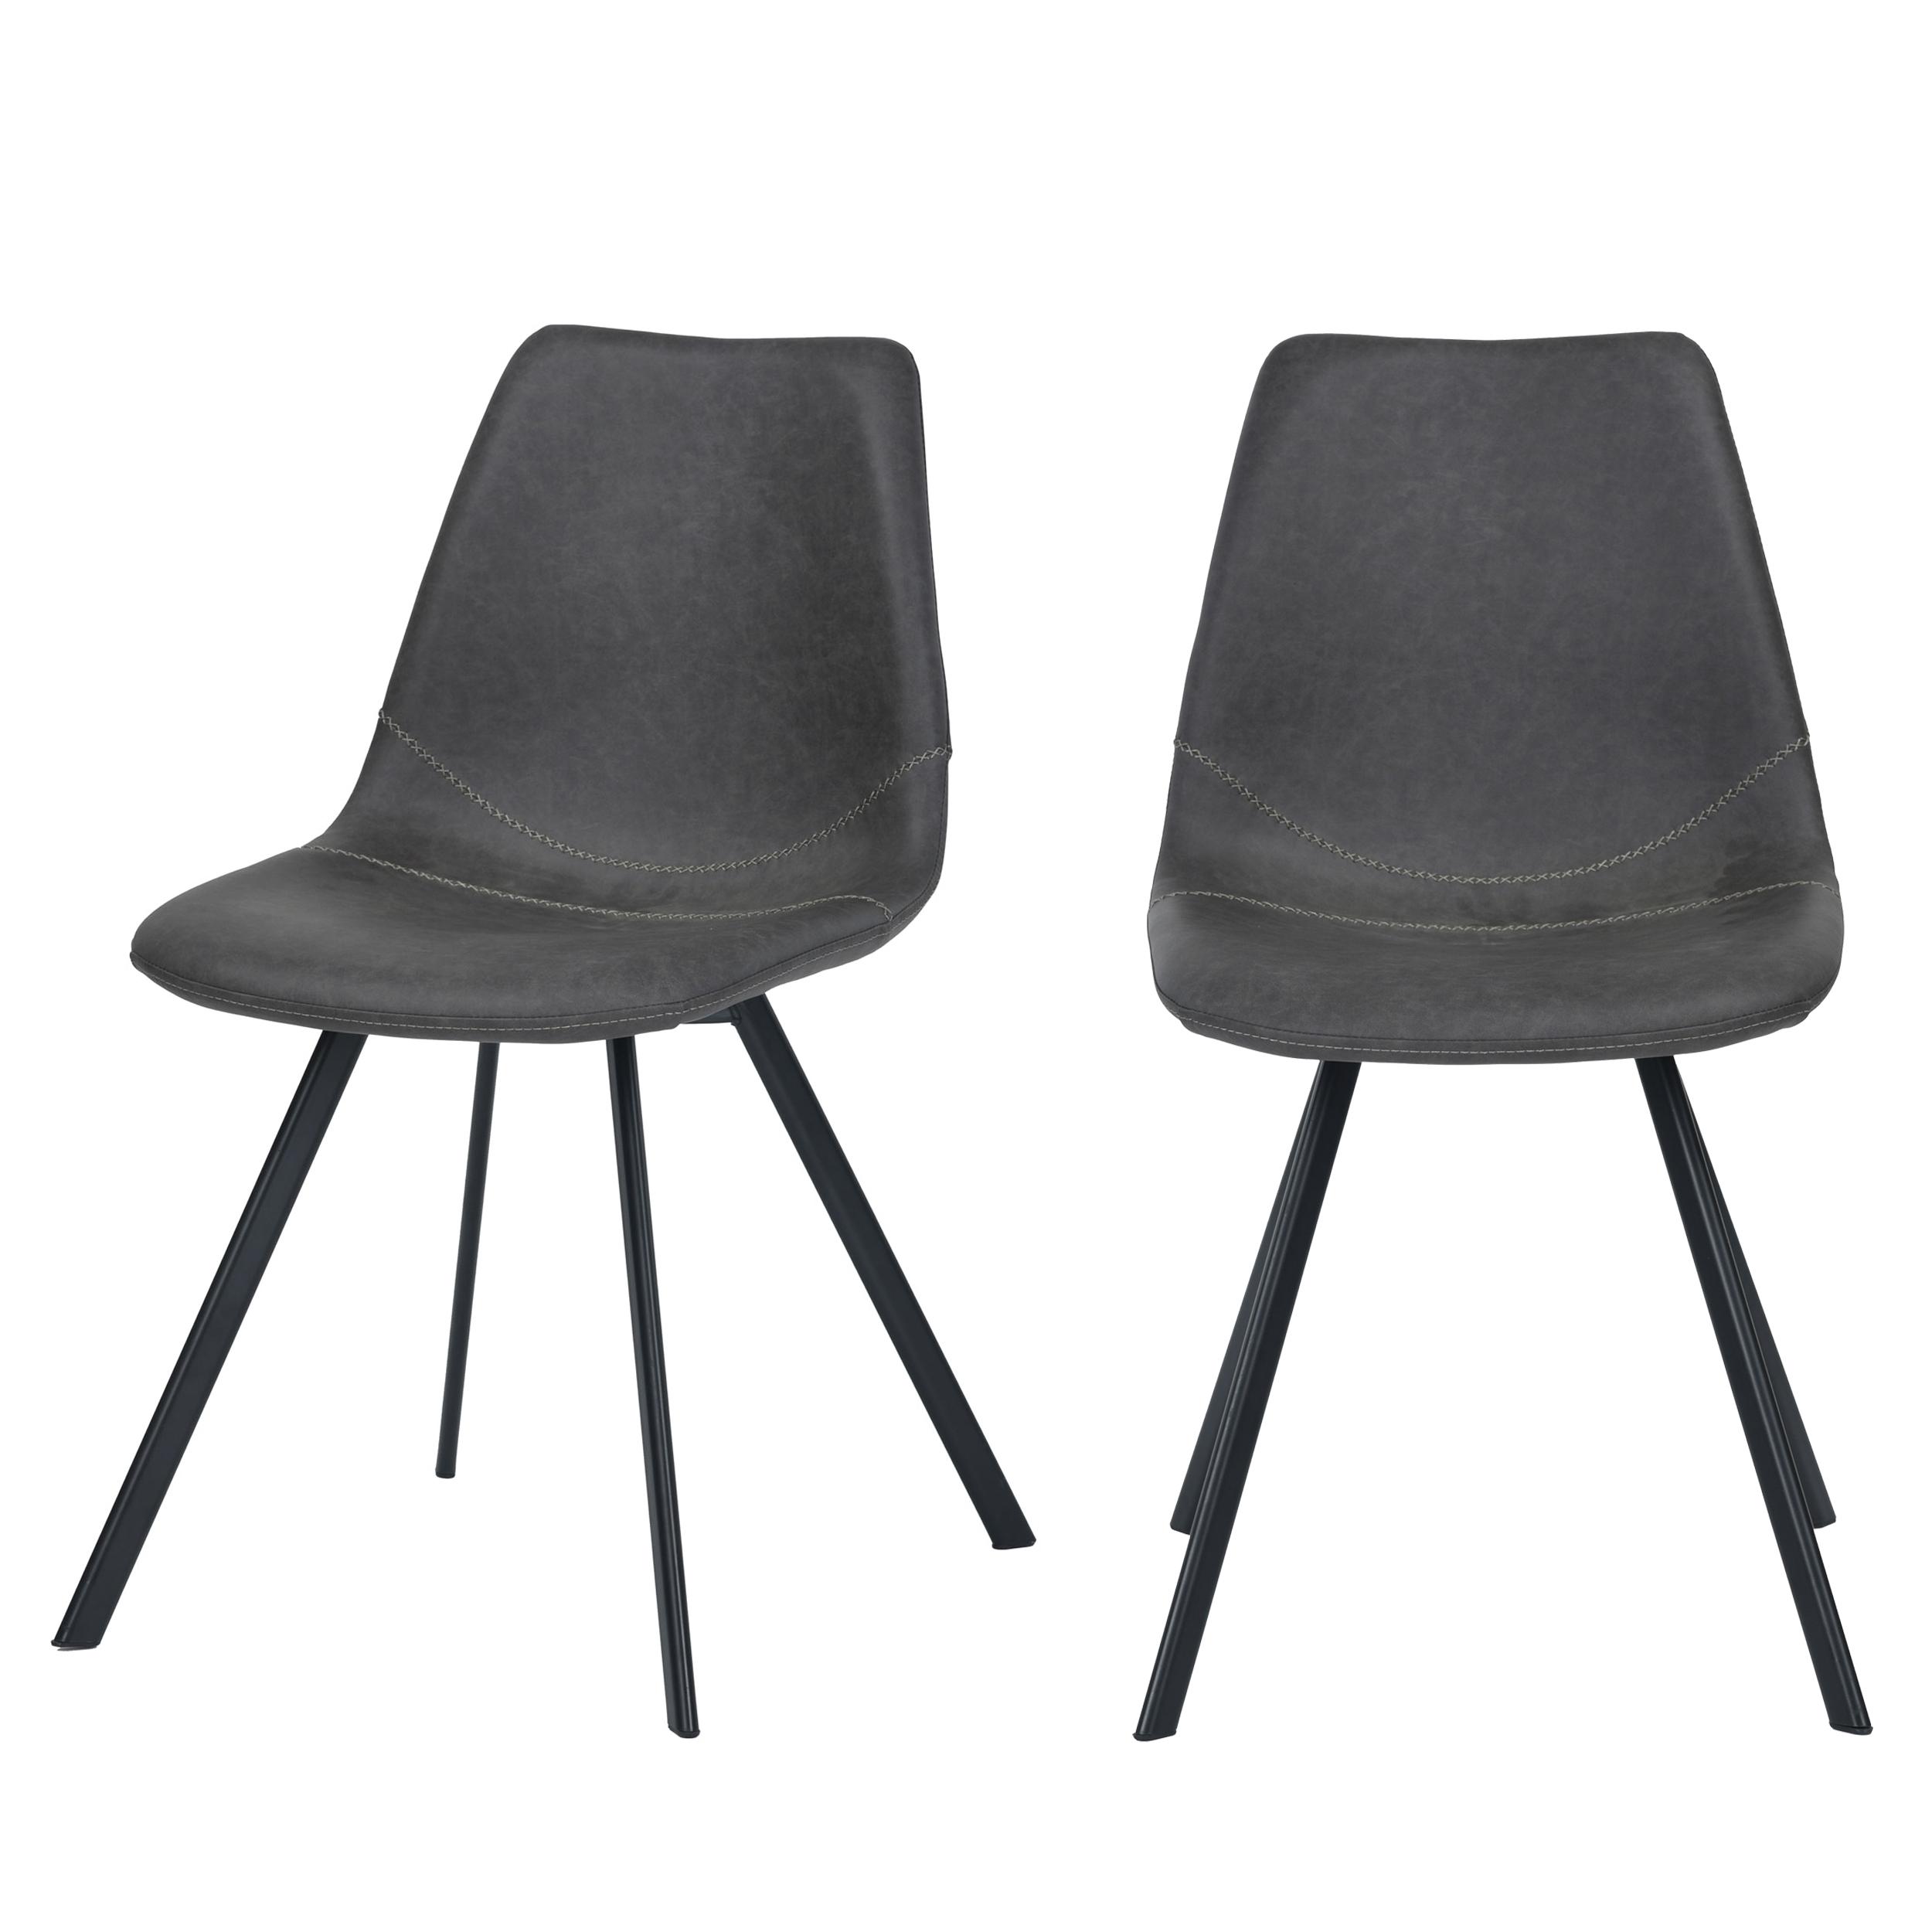 Chaise en cuir synthétique gris (lot de 2)